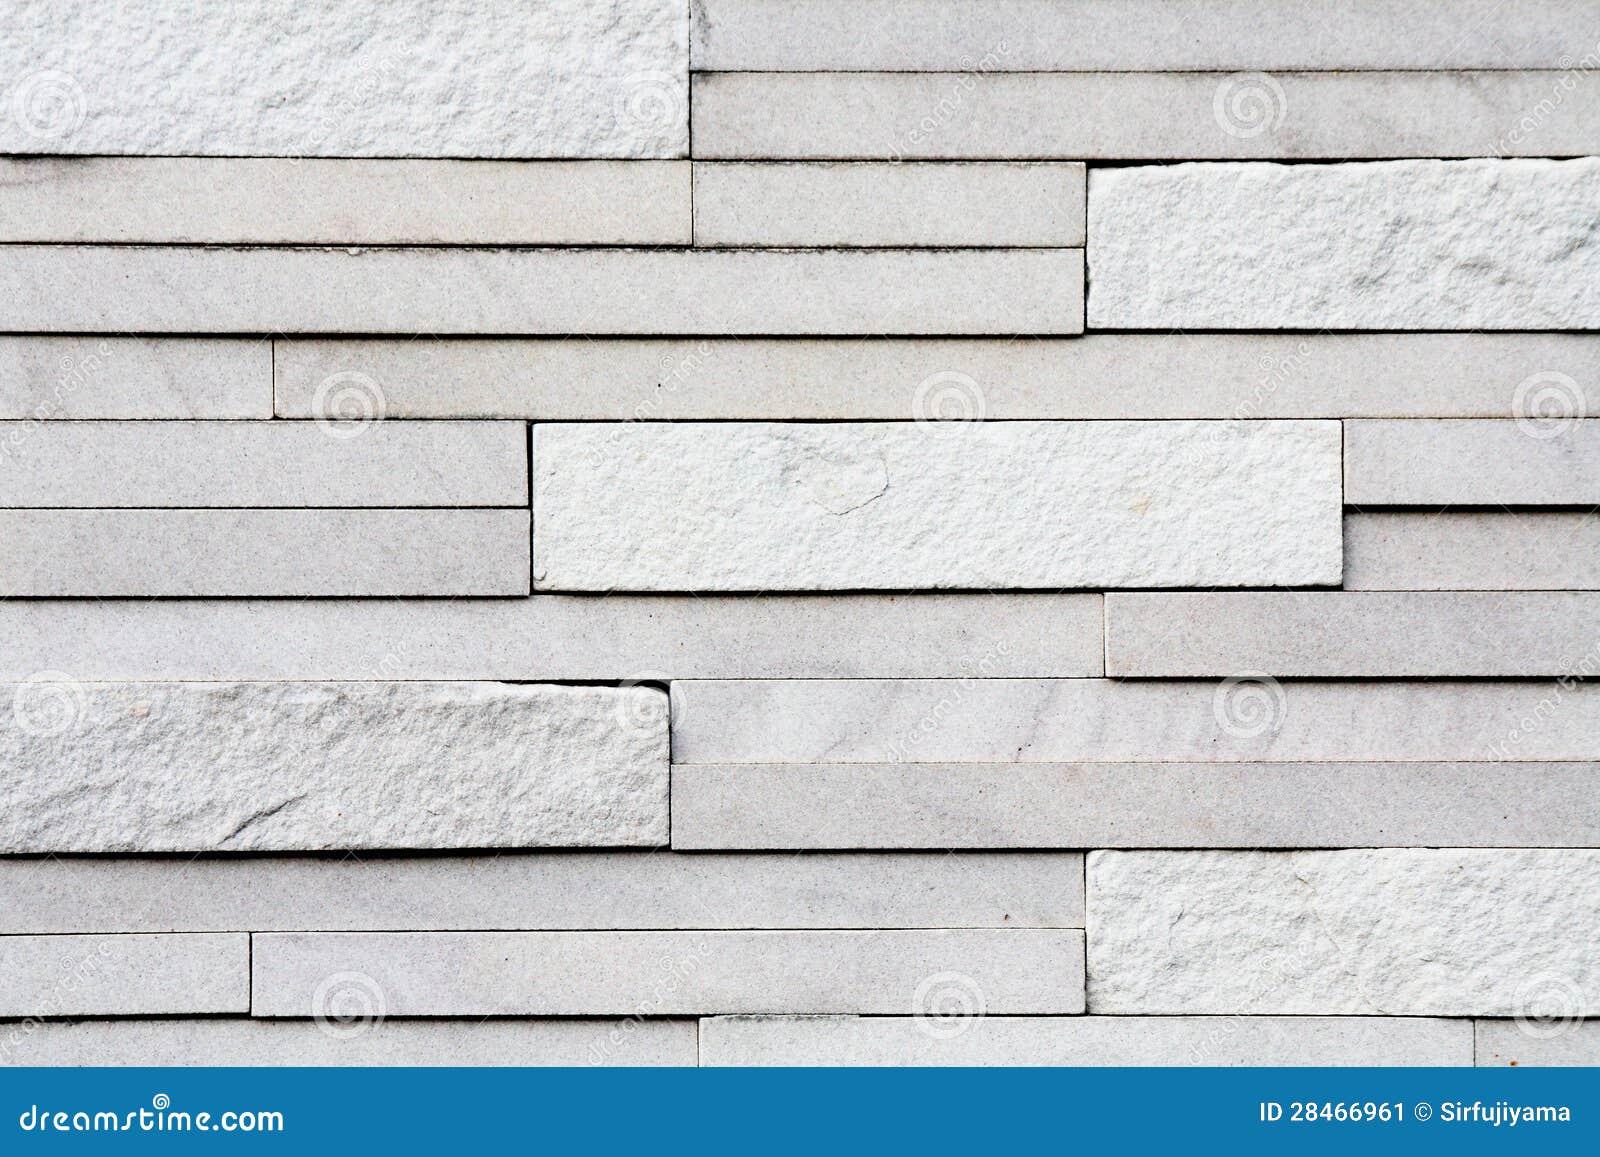 White Stone Tile Wall Texture